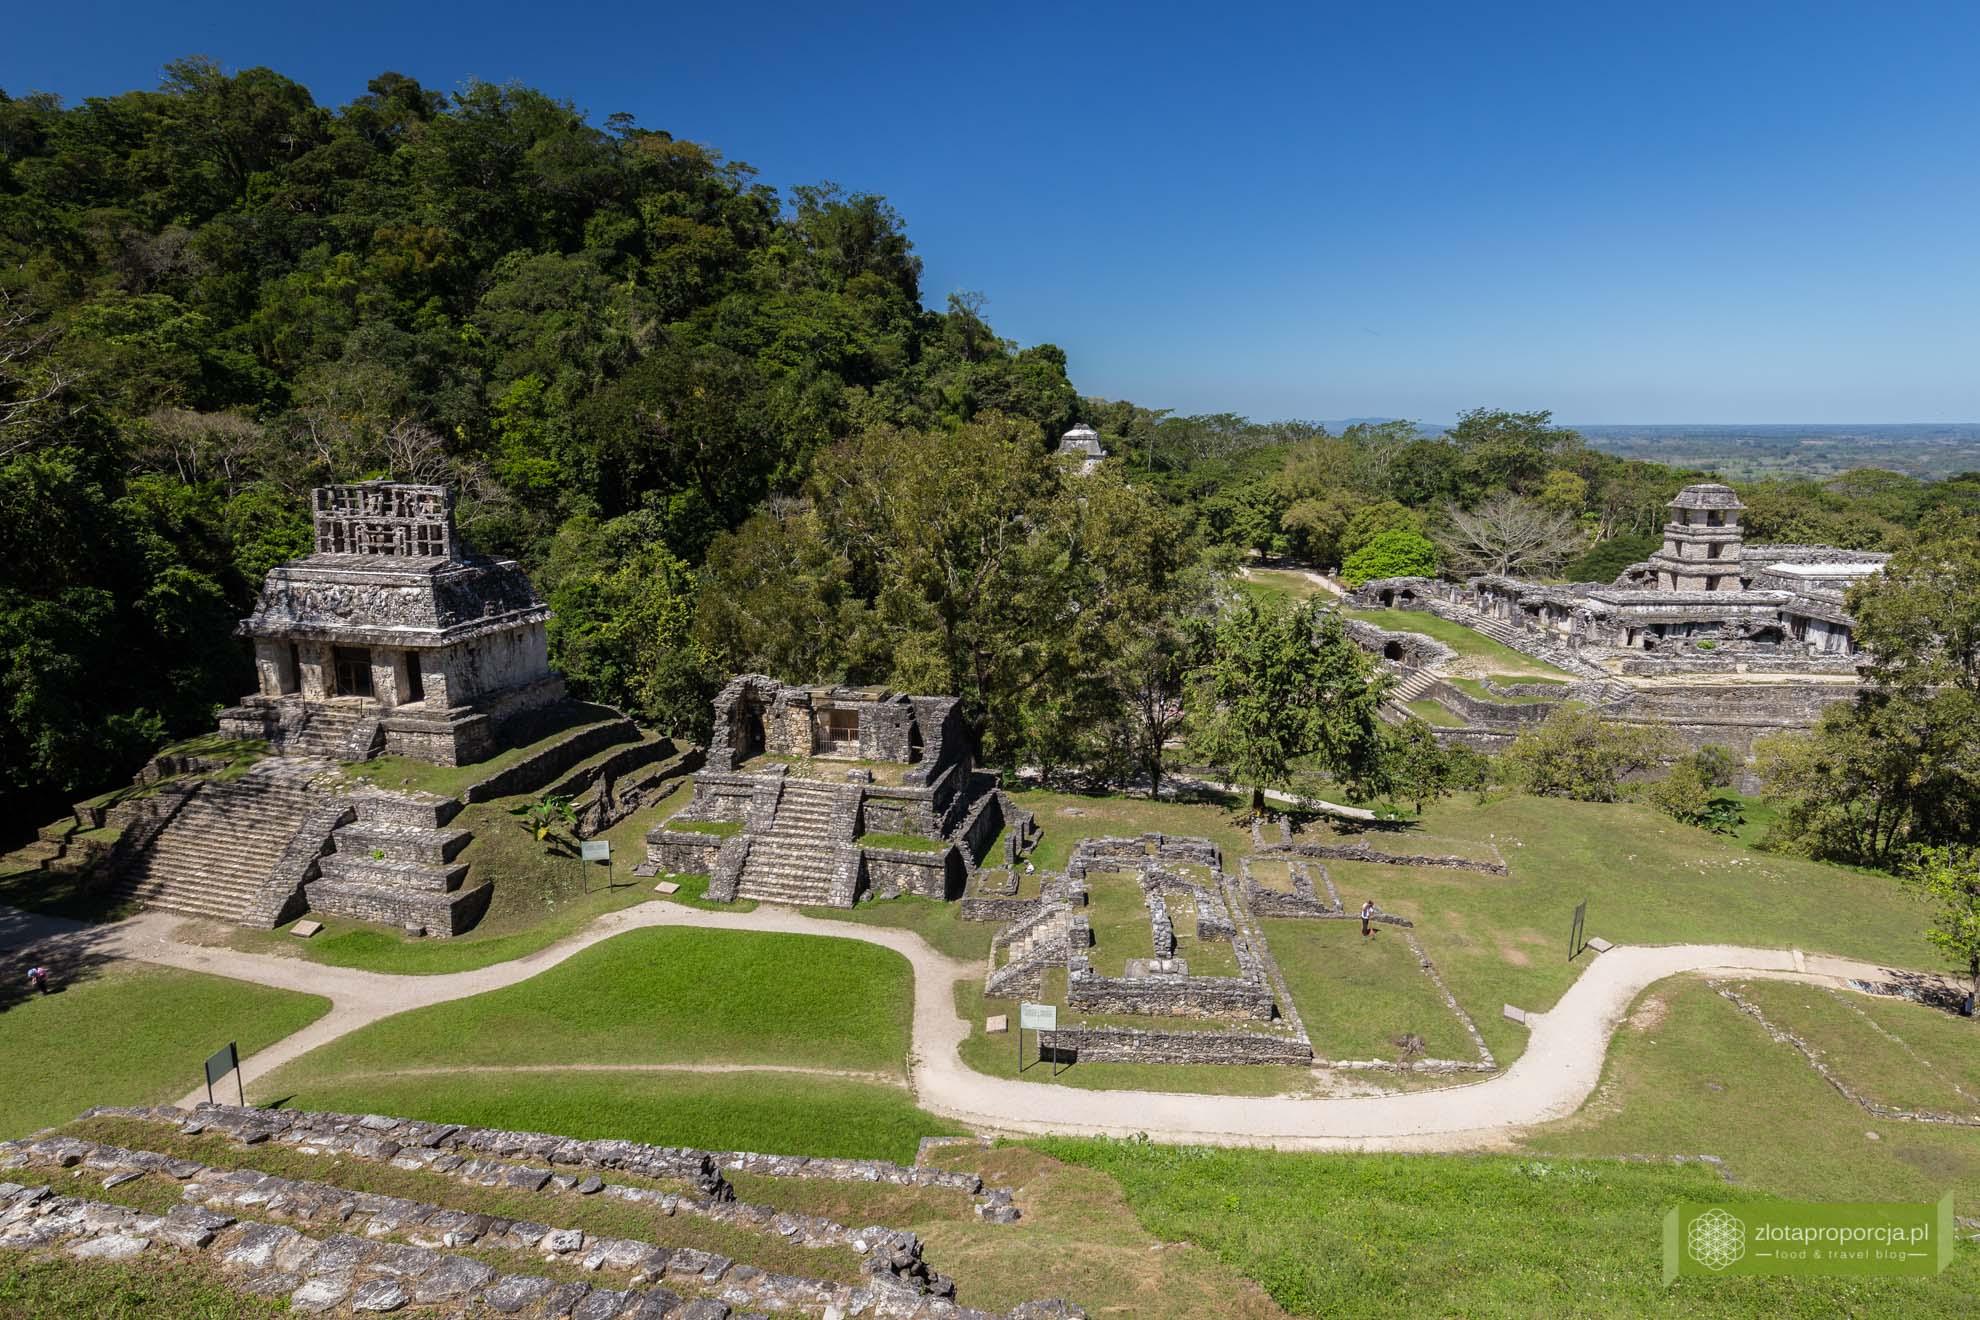 Meksyk, Miasta Majów, strefy archeologiczne na Jukatanie; Majowie budowle, Miasta Majów Meksyk, Majowie osiągnięcia; Palenque, Miasta Majów Chiapas, Chiapas;